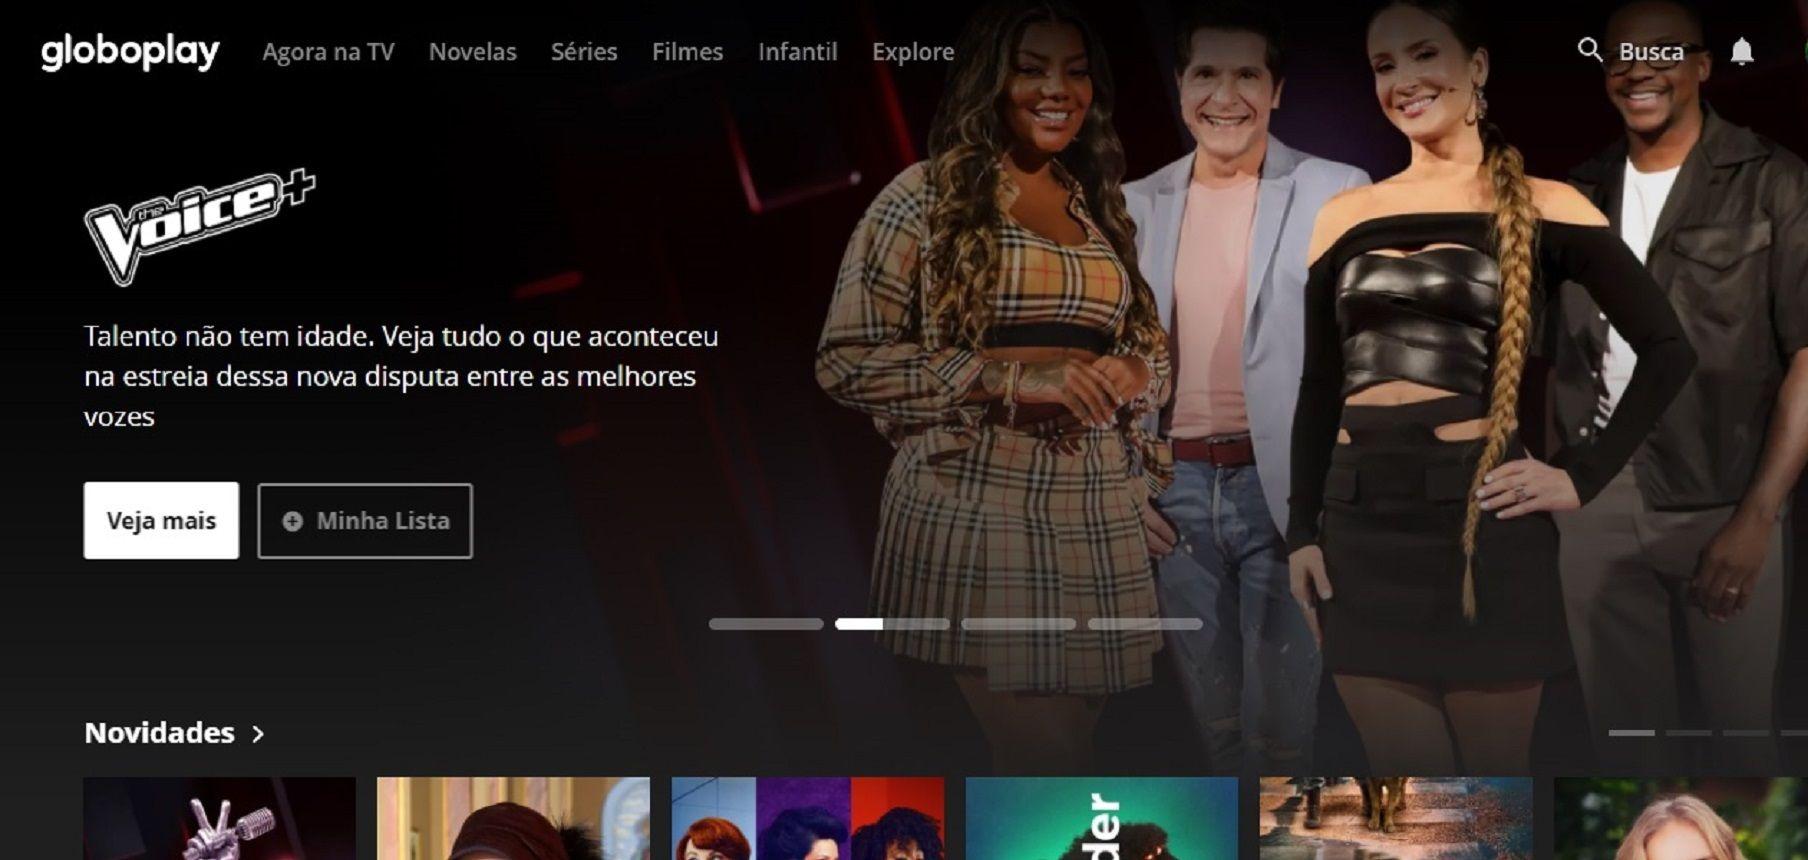 Captura de tela da página inicial do Globoplay